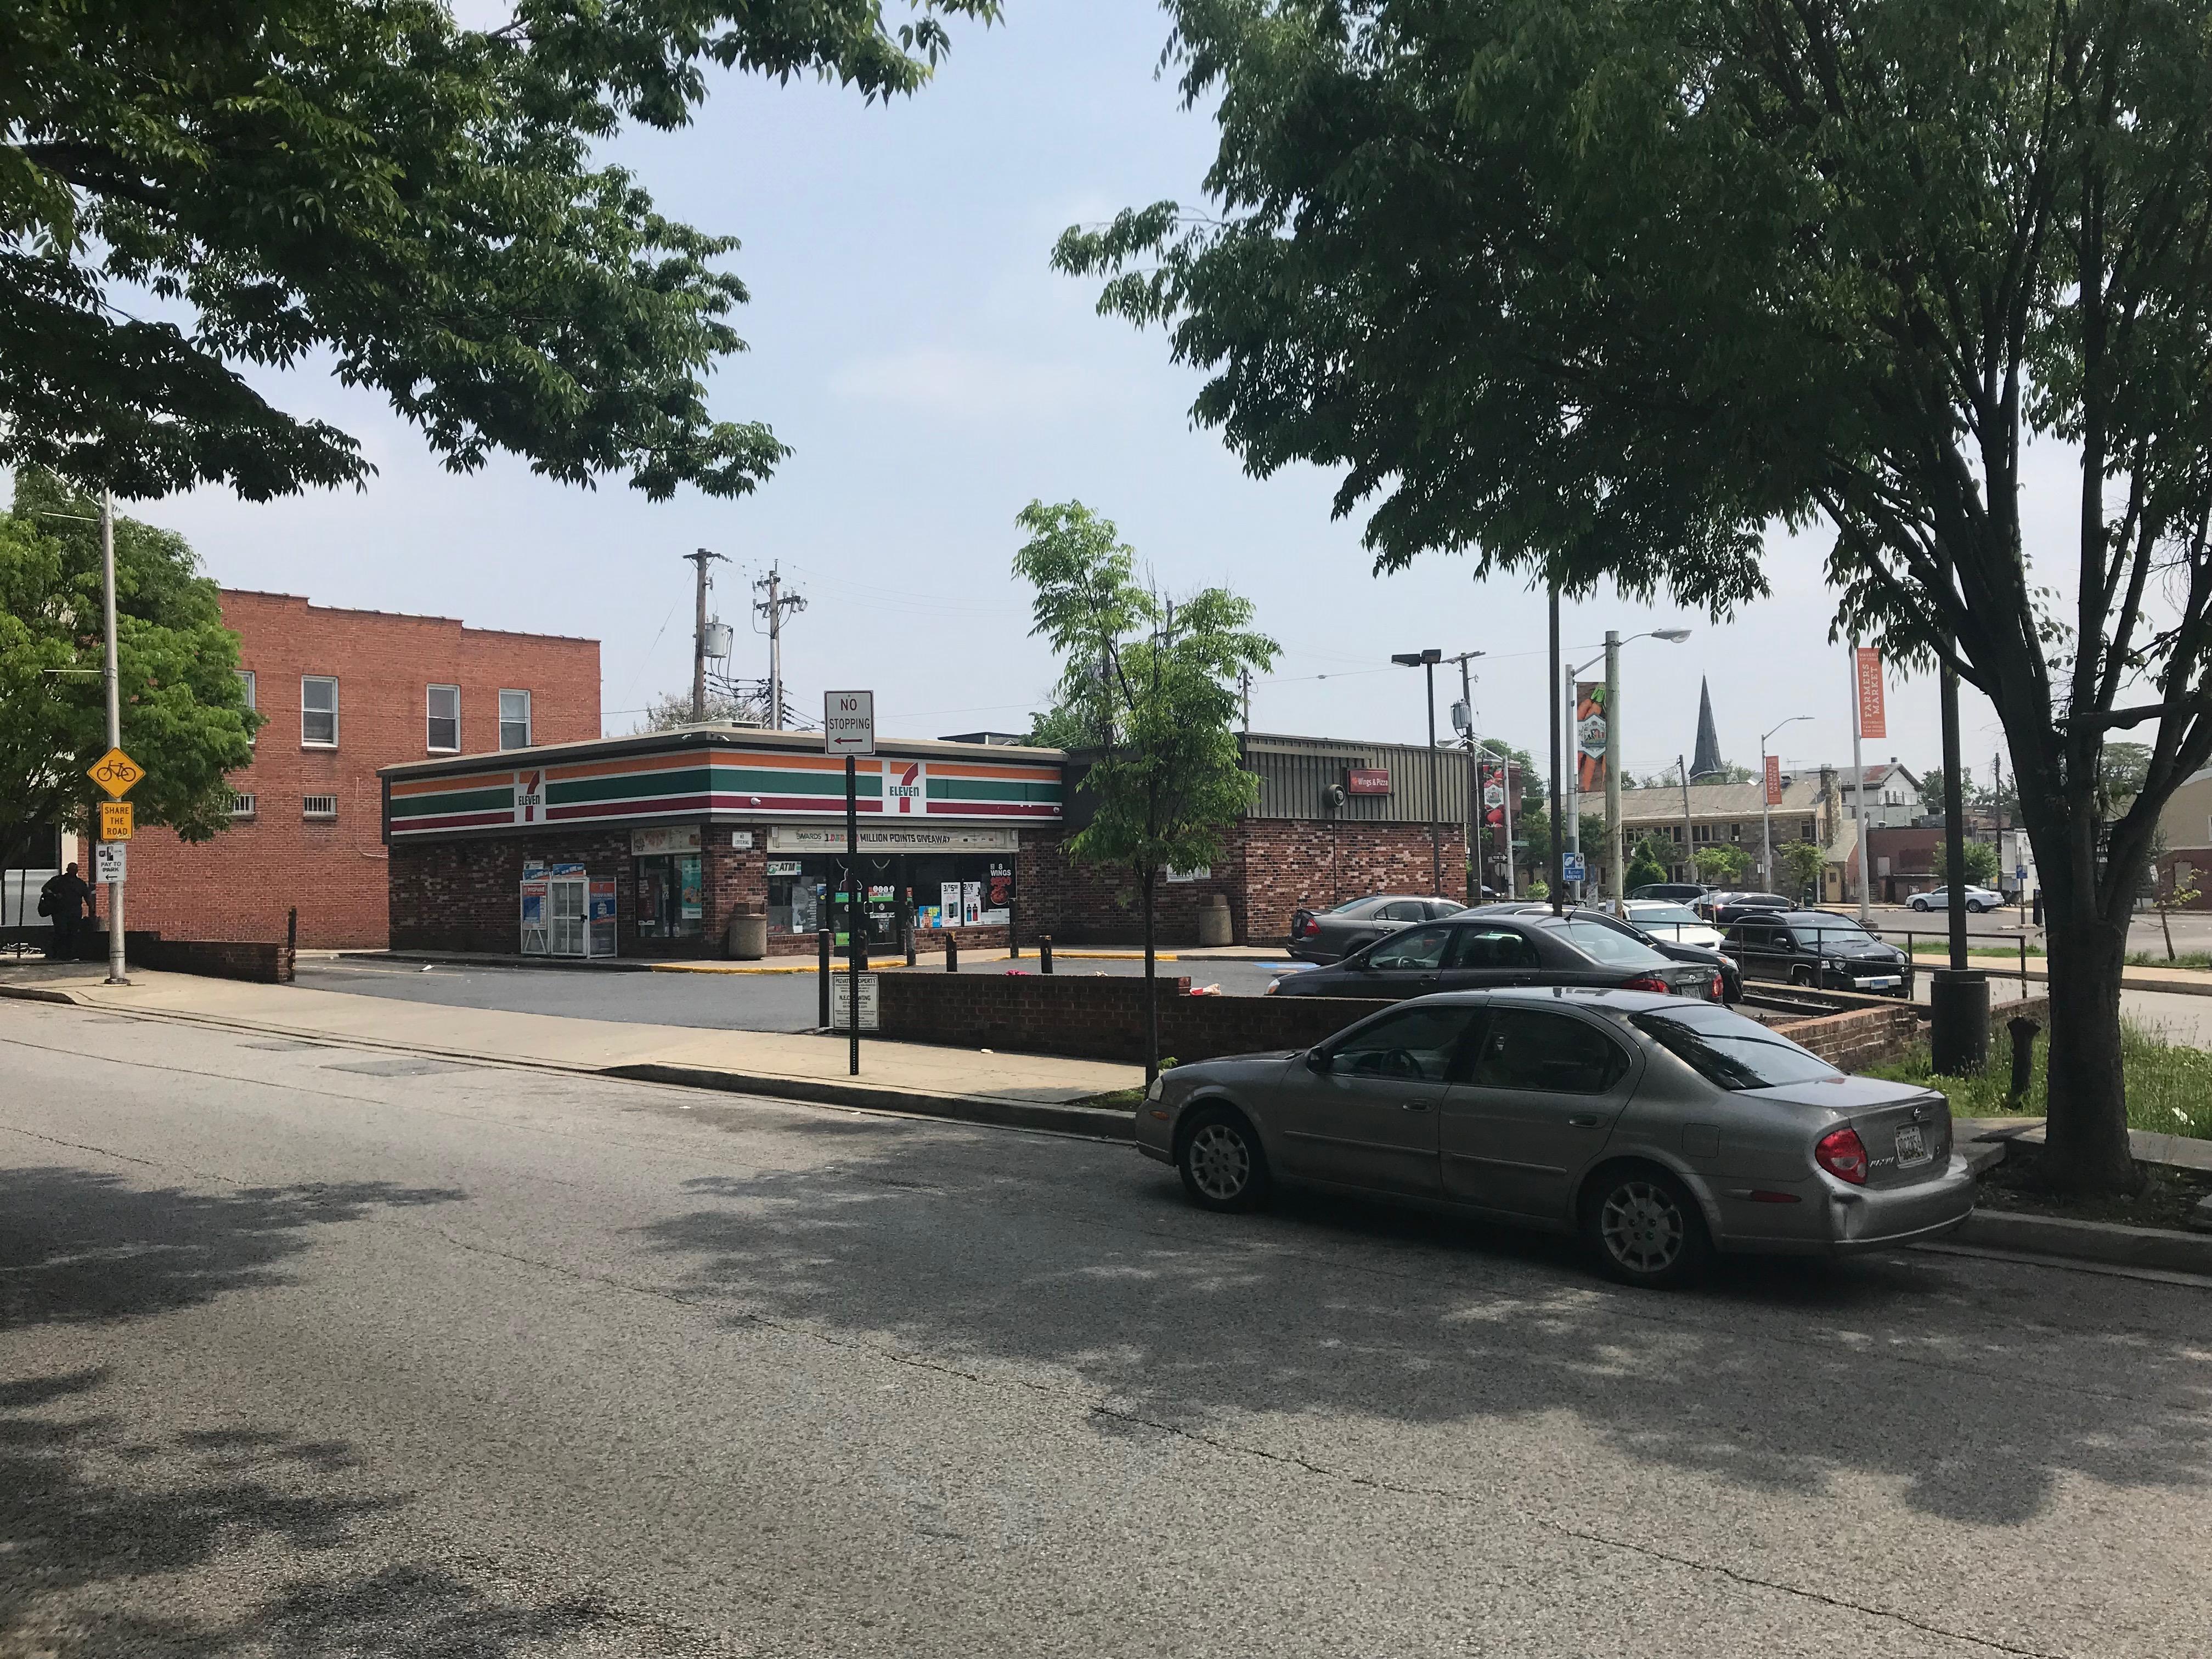 7-Eleven convenience store, 401 E. 33rd Street, Baltimore, MD 21218, 33rd Street, 7-eleven, Baltimore, Barclay Street, HQ Photo